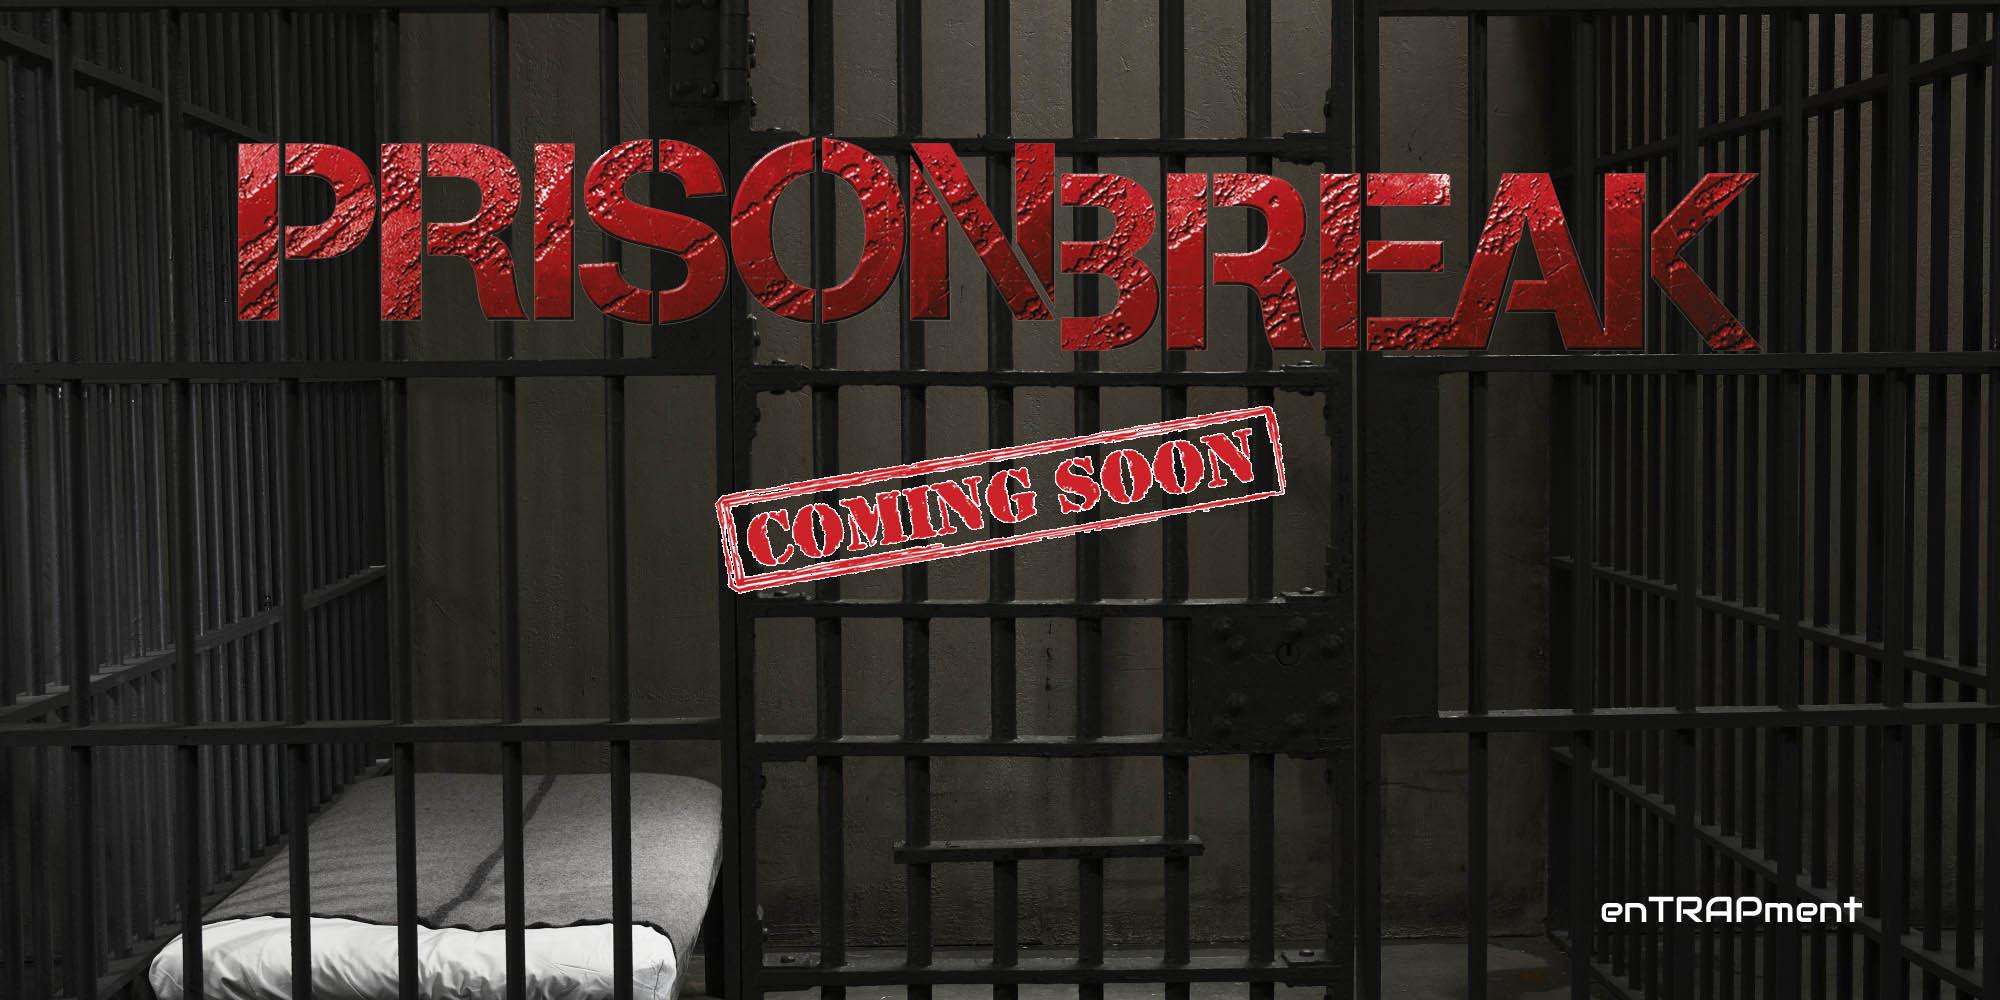 prison break entrapment coming soon